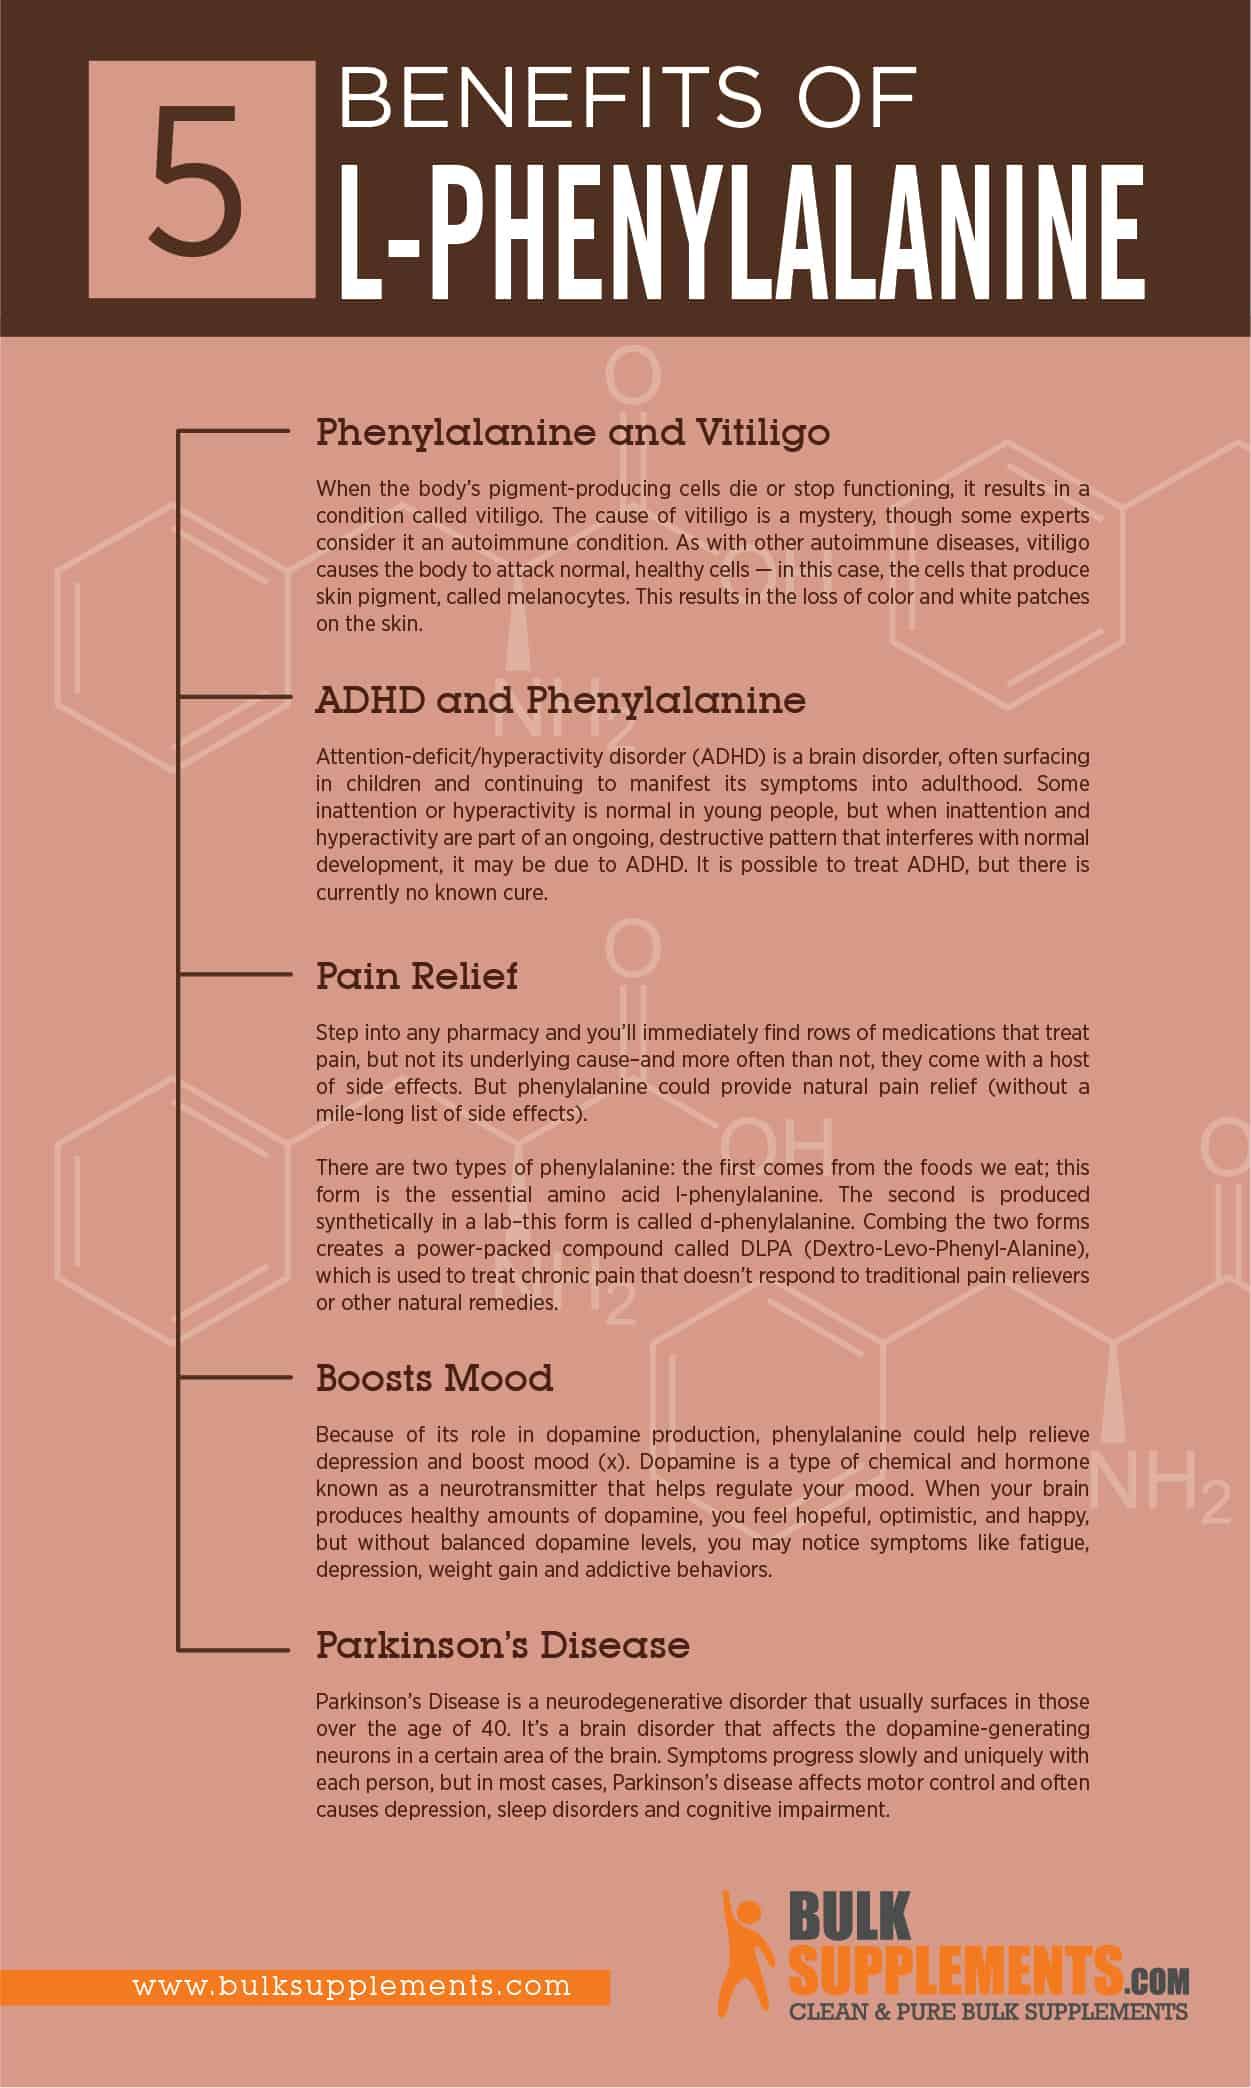 l-phenylalanine benefits